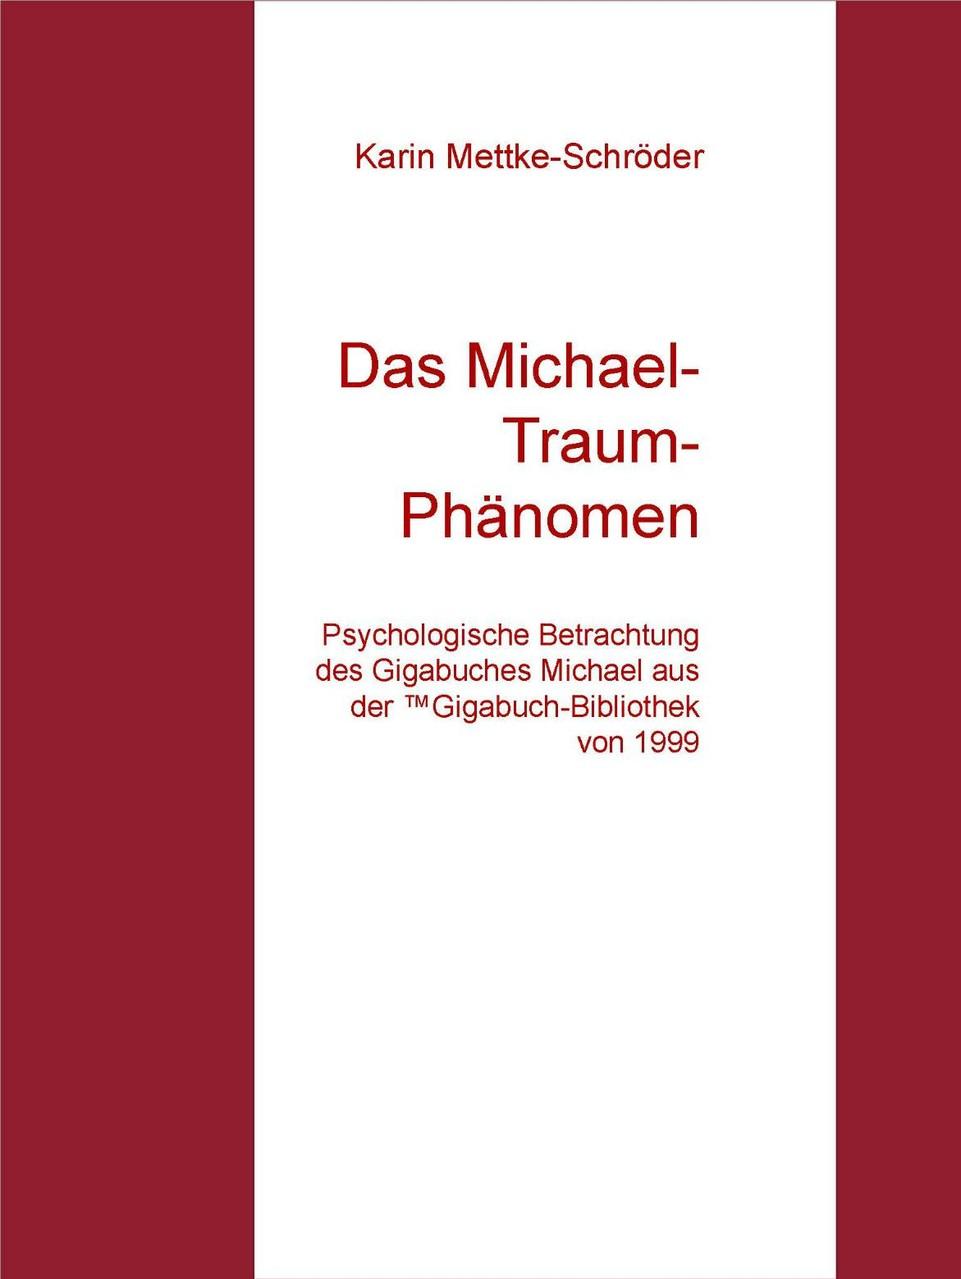 Karin Mettke-Schröder/Das Michael-Traum-Phänomen/™Gigabuch Bibliothek 1999/e-Short ISBN 9783734712838